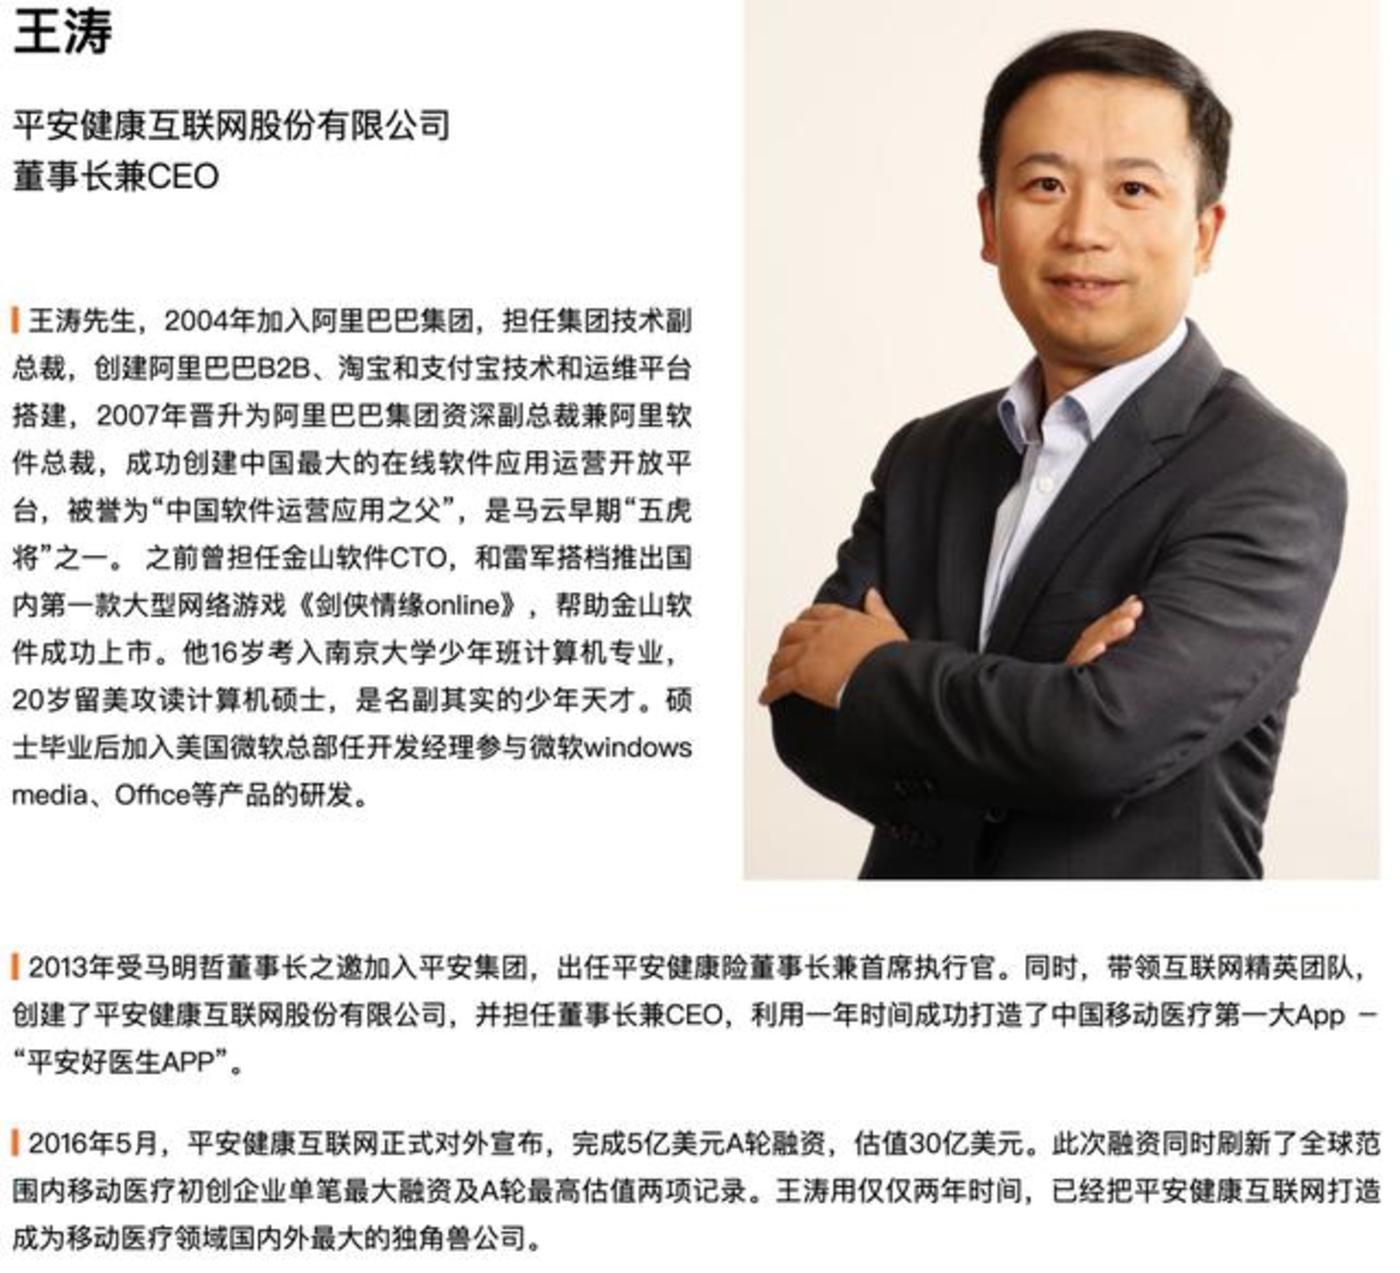 图源:平安好医生官网